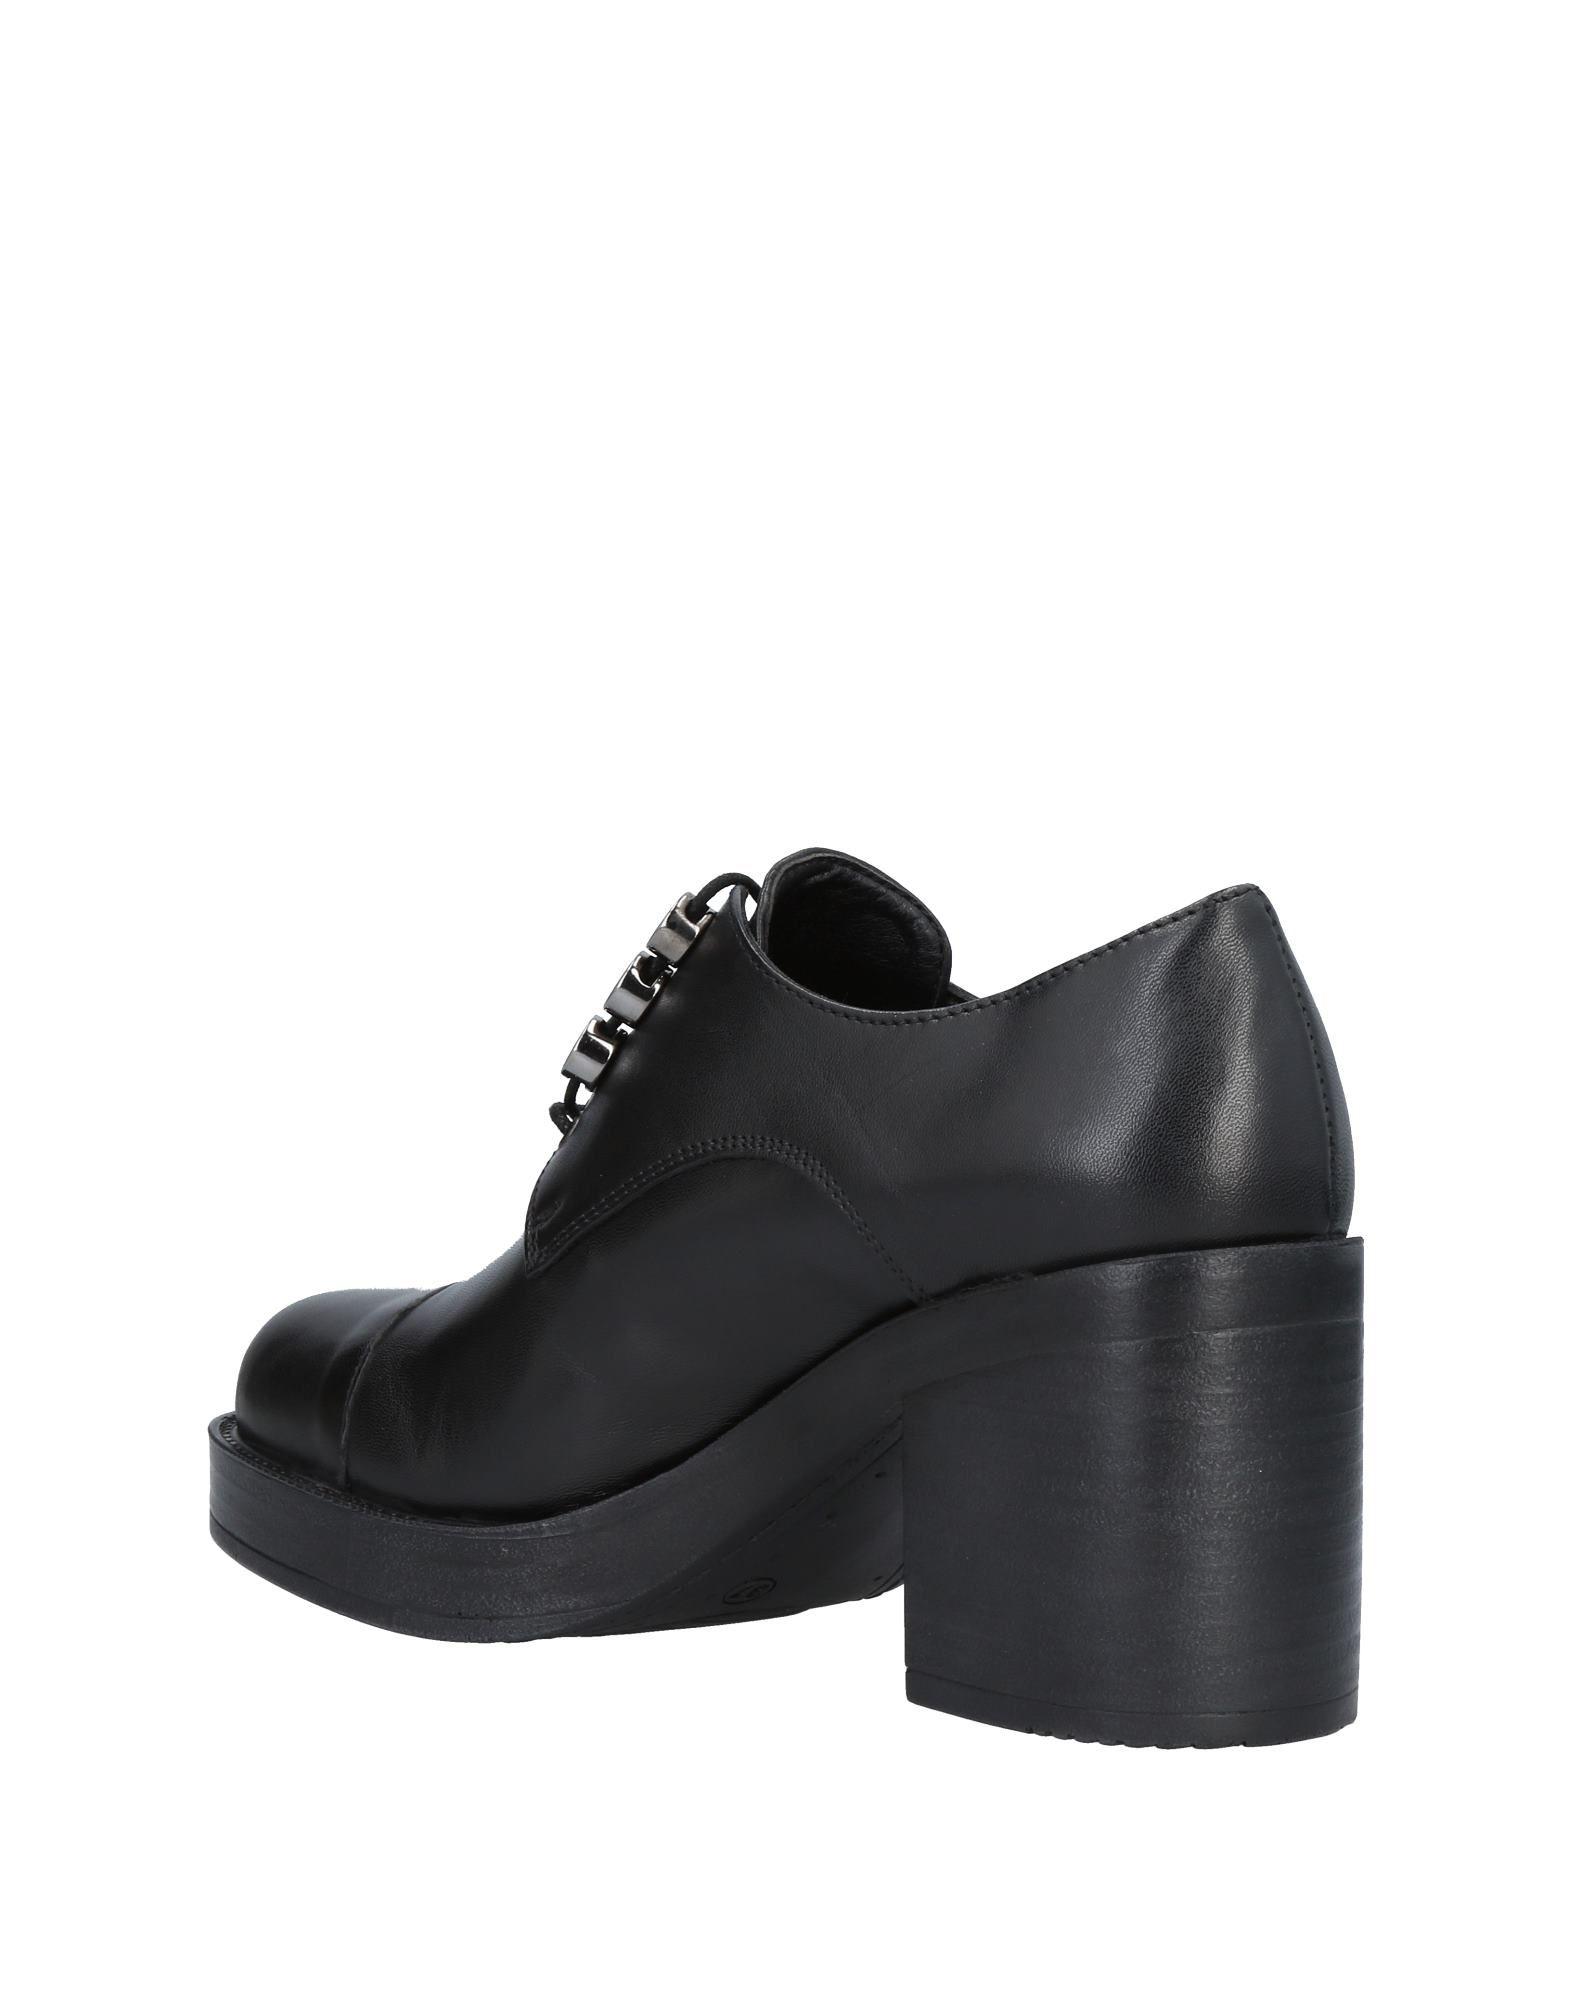 11478916QX Formentini Schnürschuhe Damen  11478916QX  Heiße Schuhe 4cb921